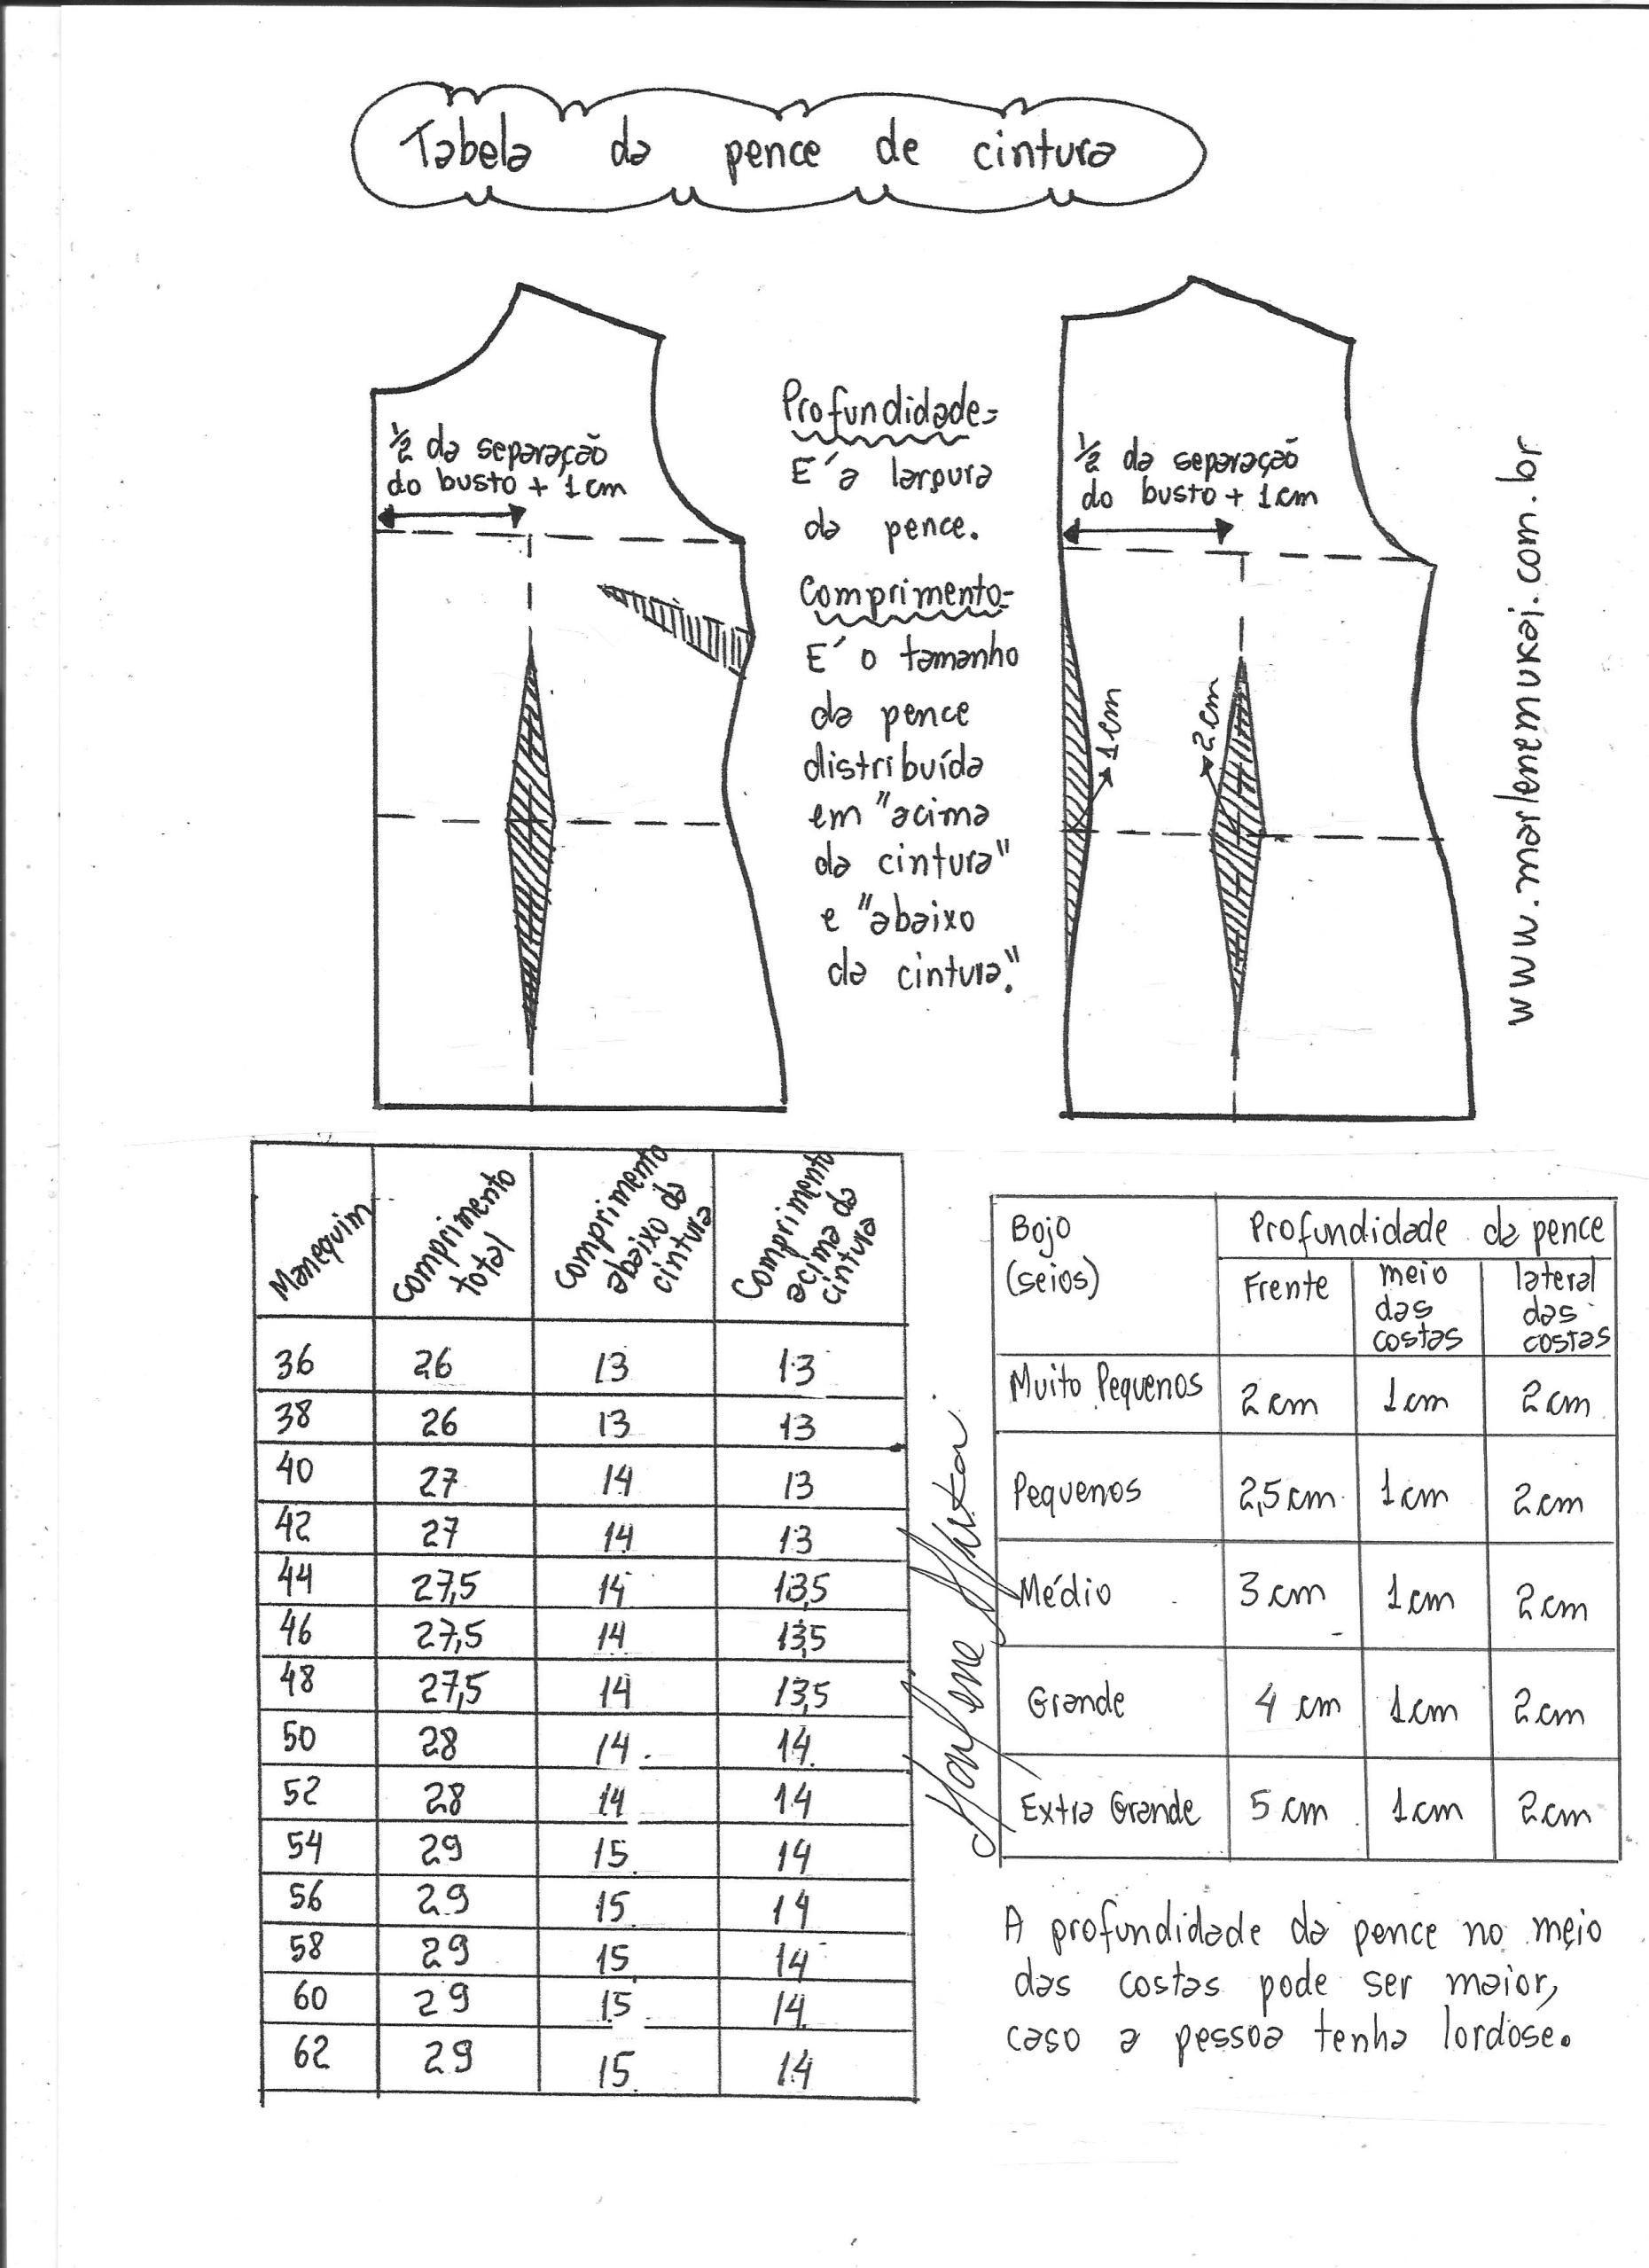 Tabela padrão de comprimento e profundidade de pence de cintura ...